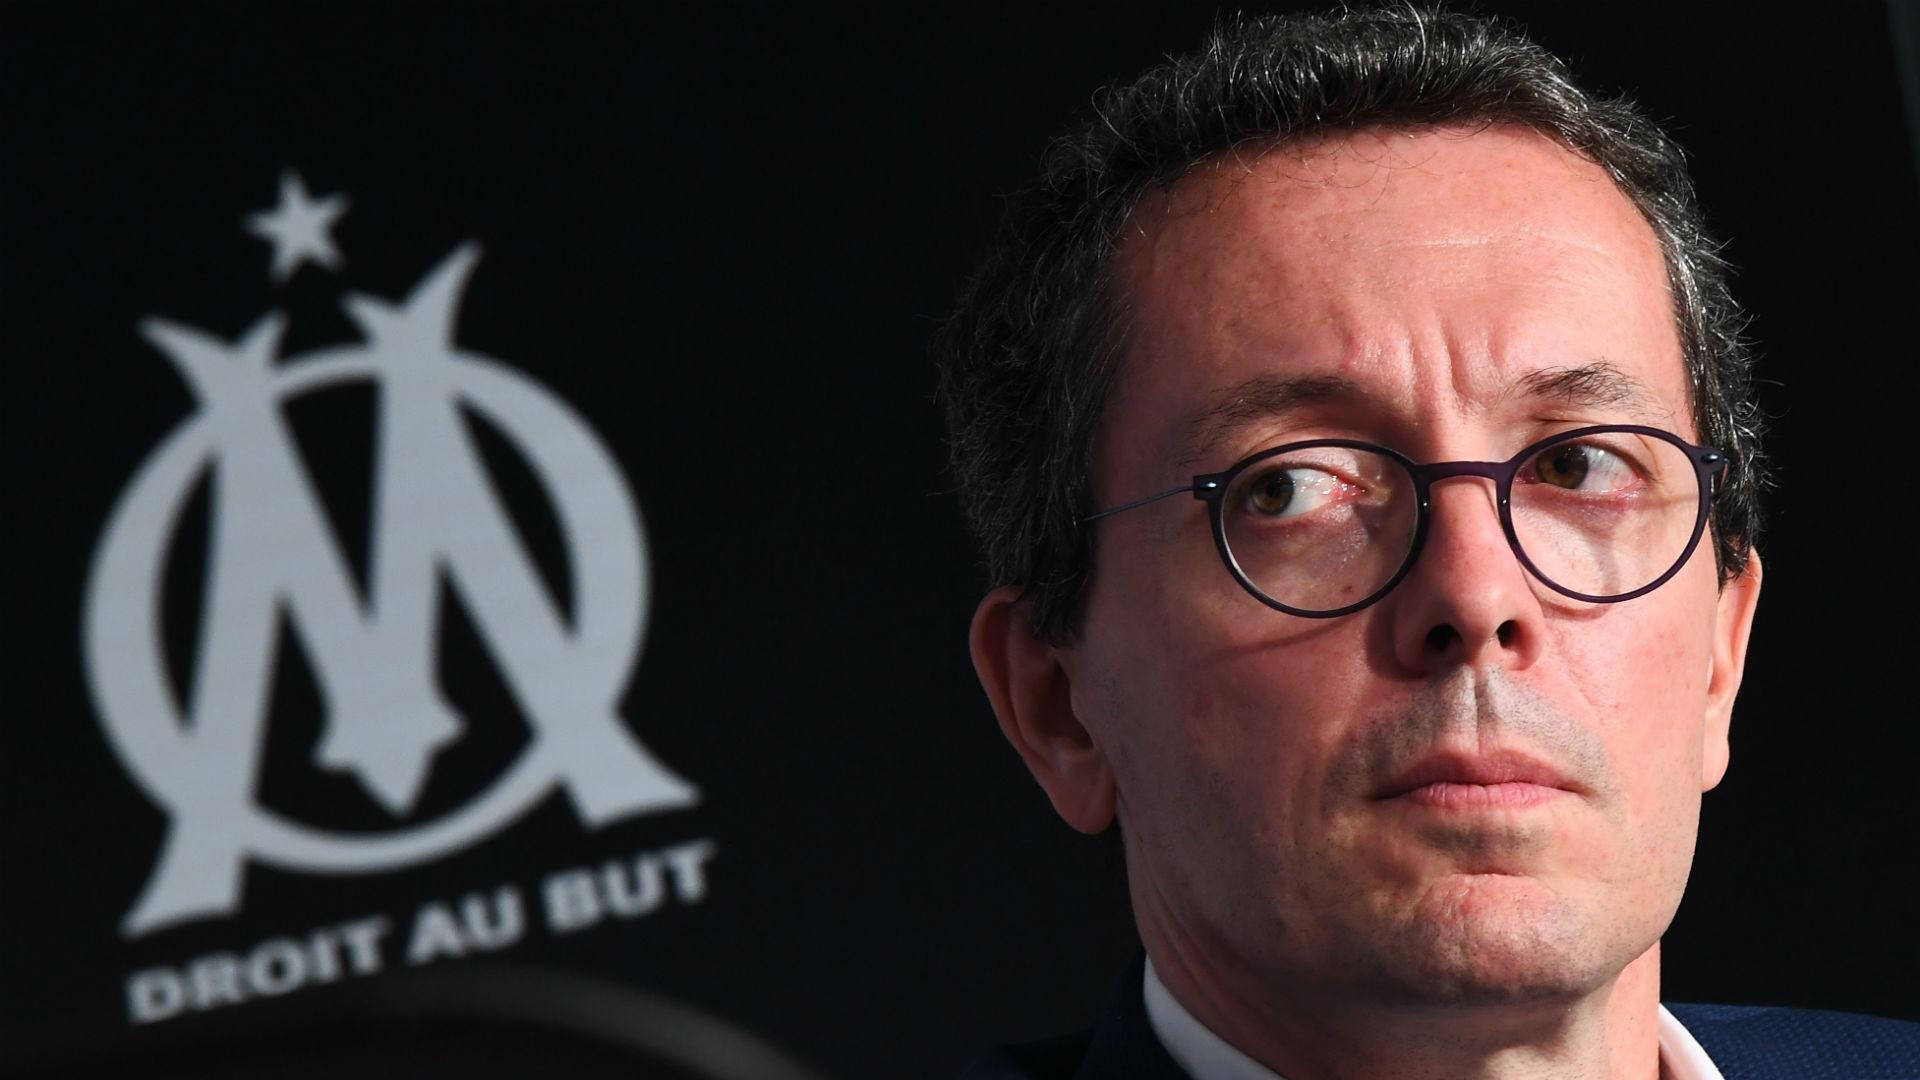 Sanction de l'UEFA : l'OM n'exclut pas de faire appel